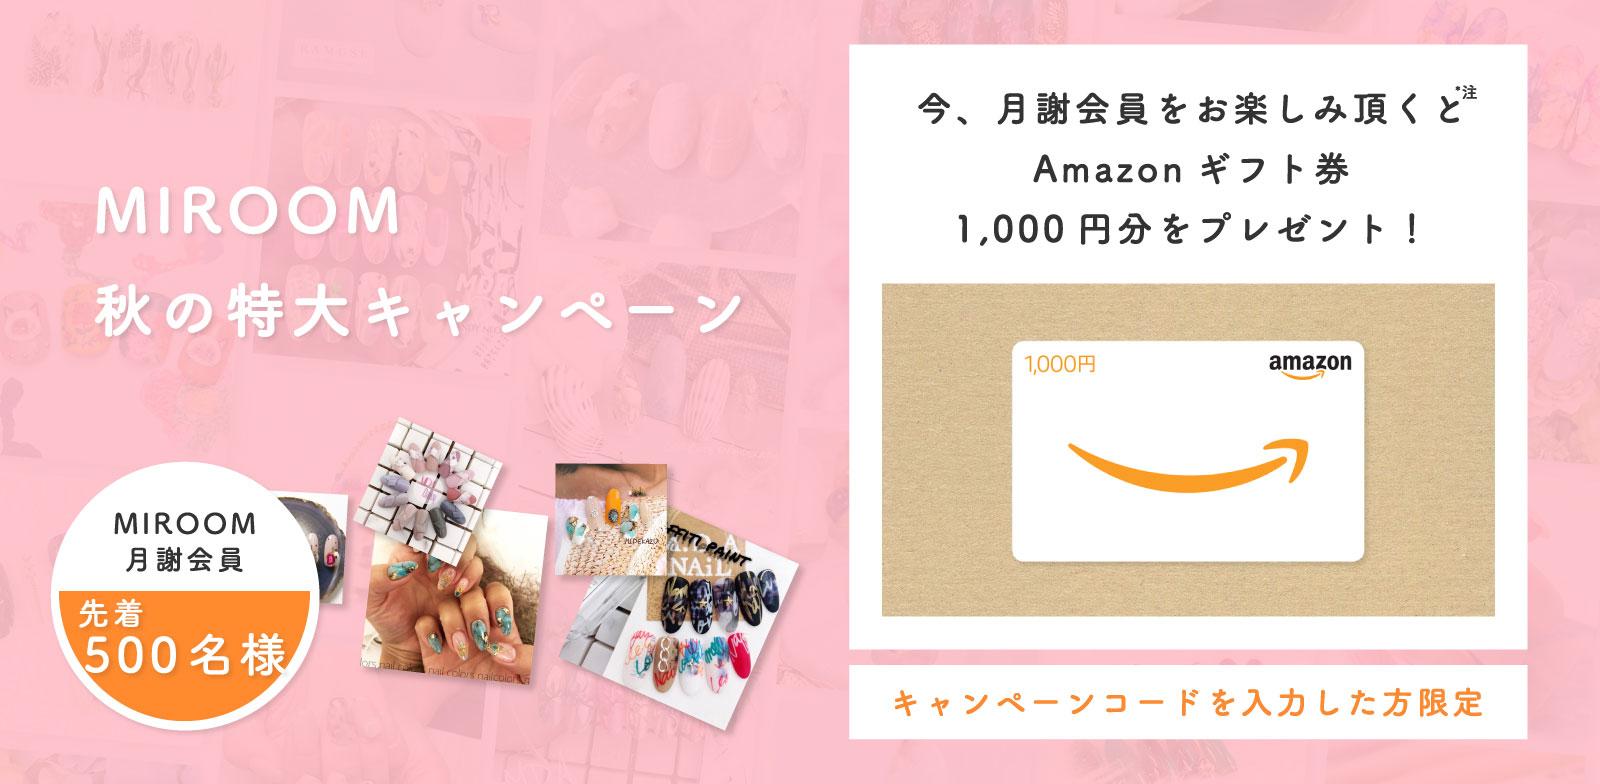 Amazon campaign cover pc